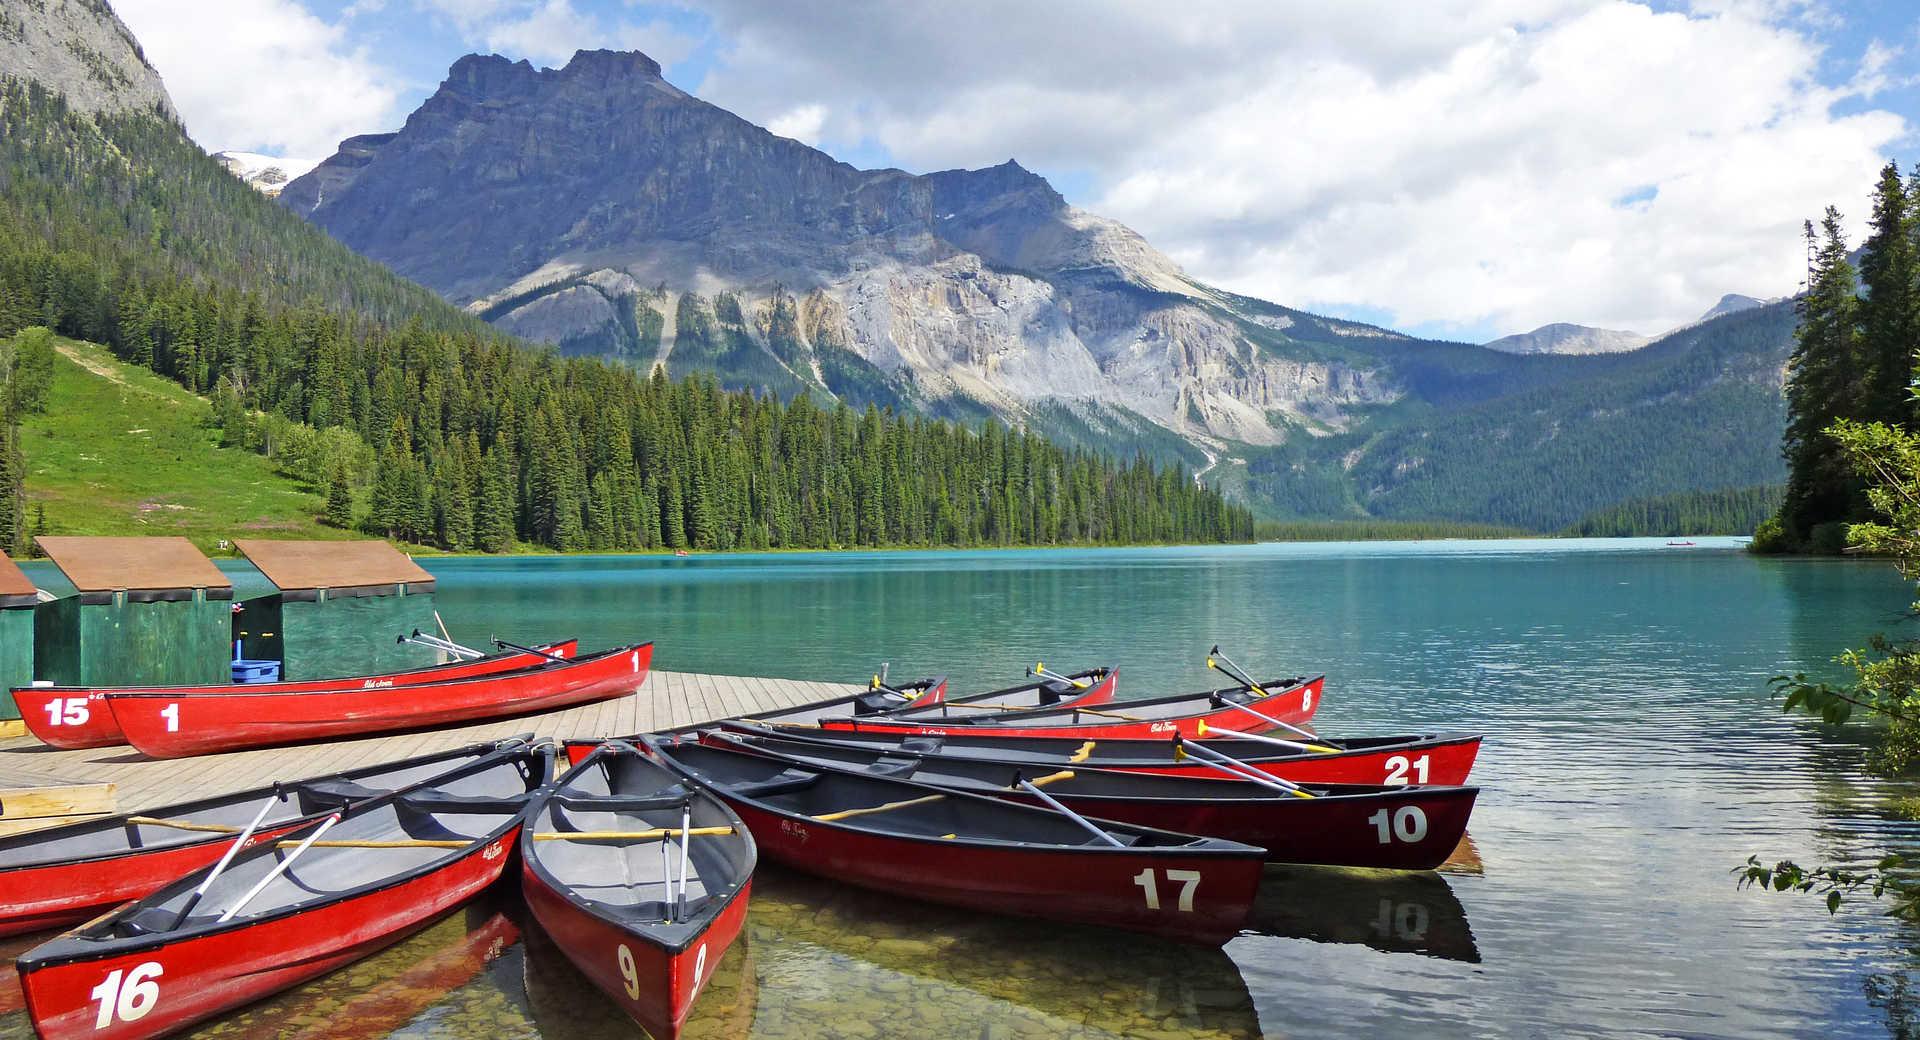 Canoës rouges sur le bord du lac Emerald dans les Rocheuses canadiennes